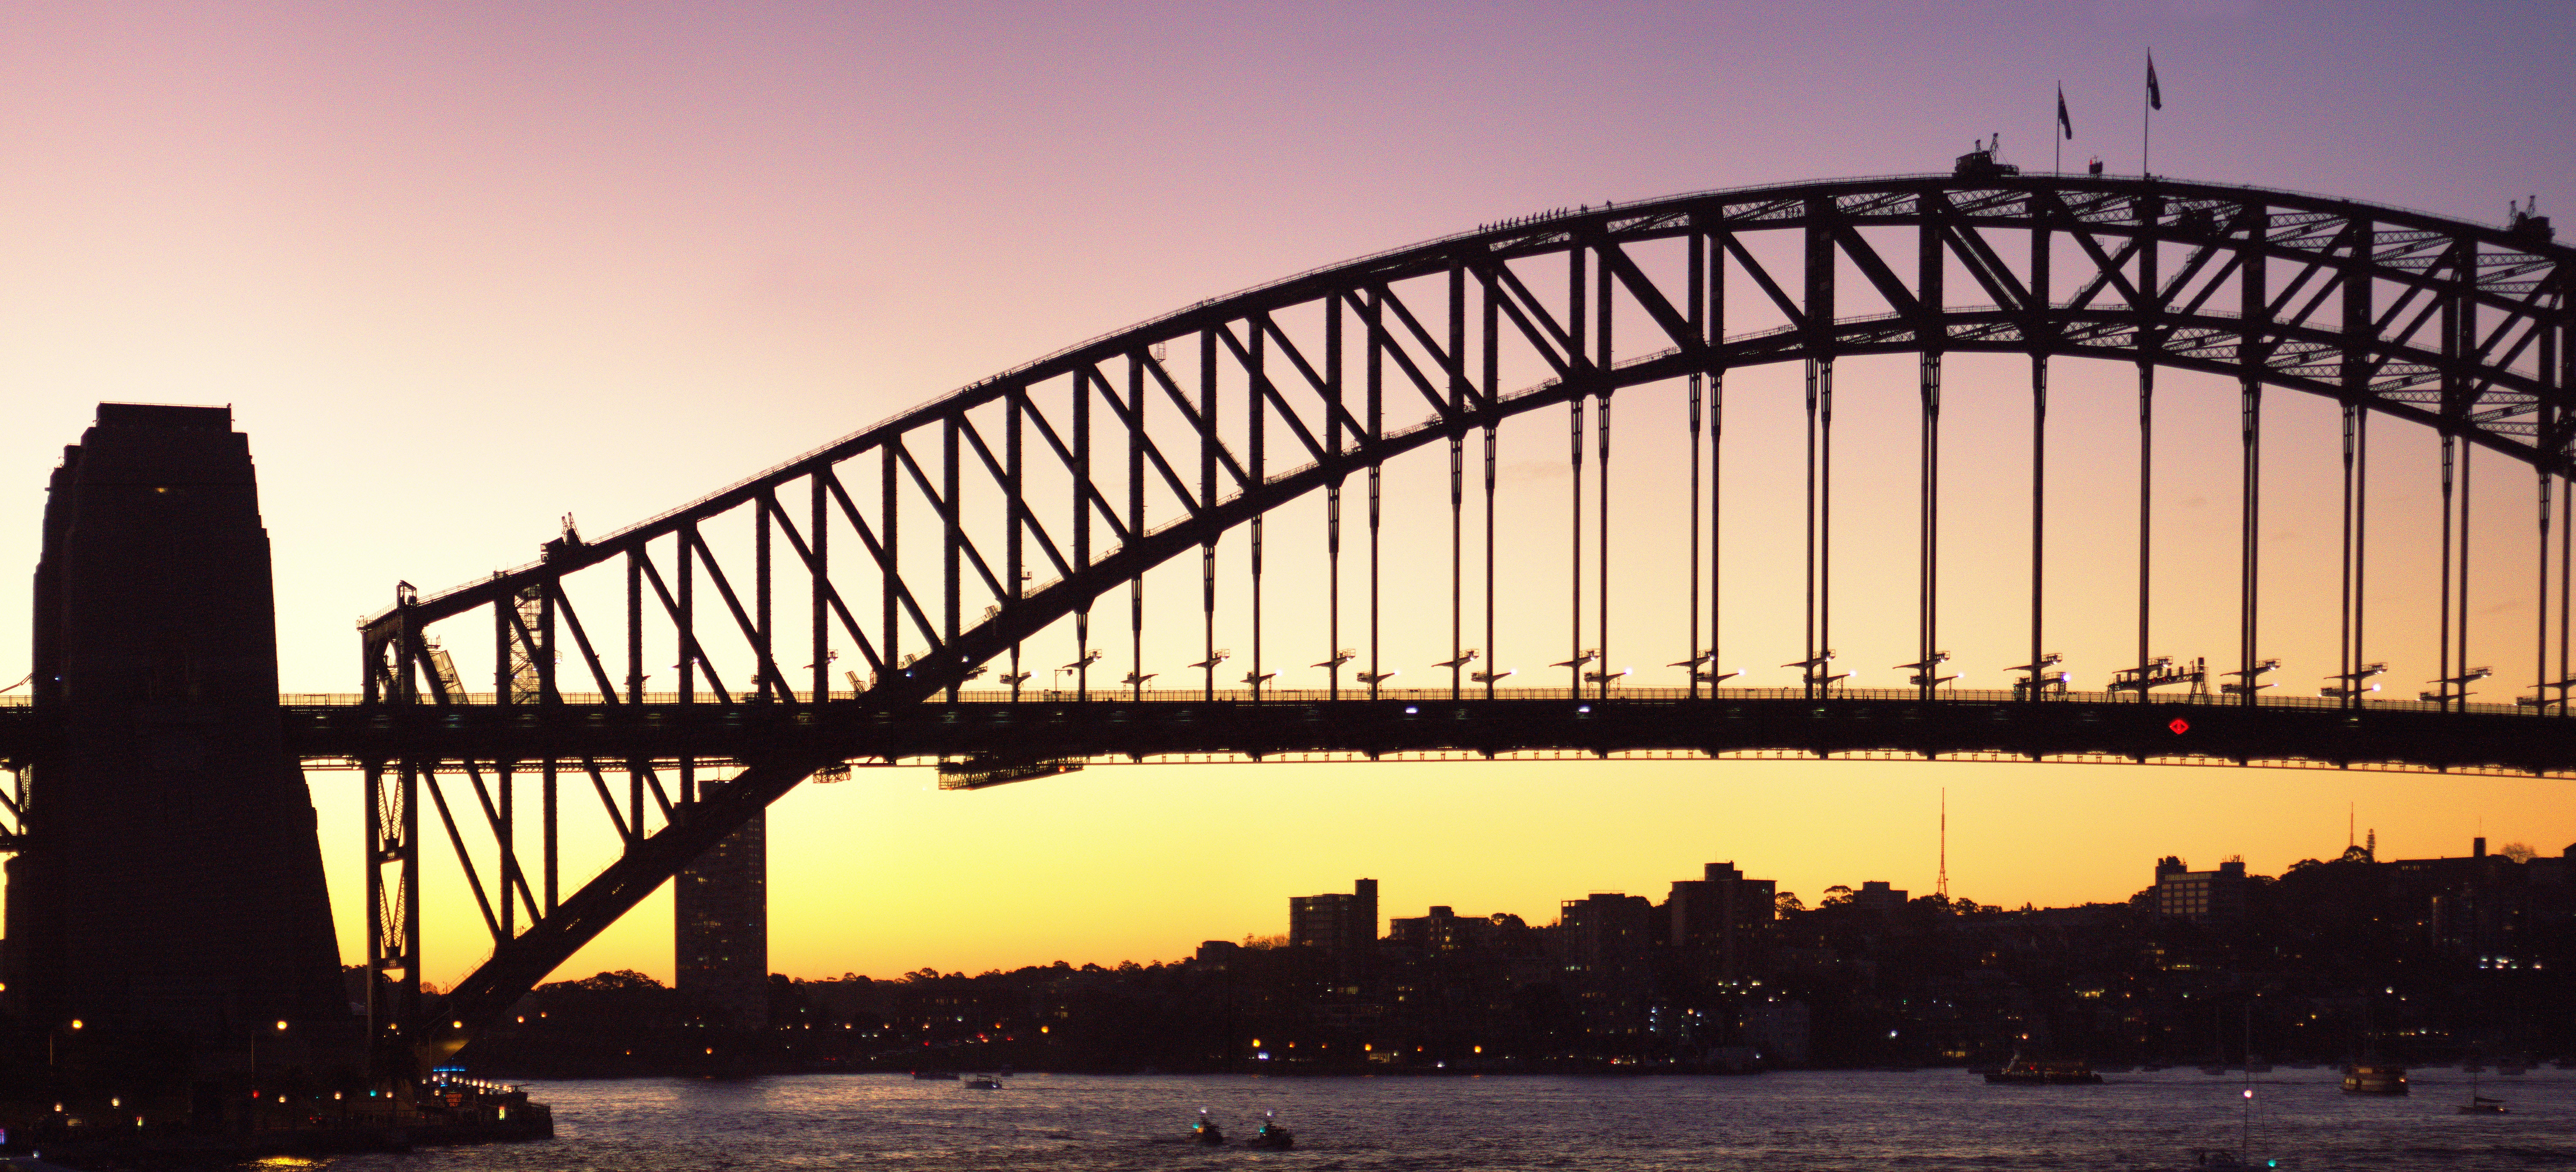 Sydney Bridge 1